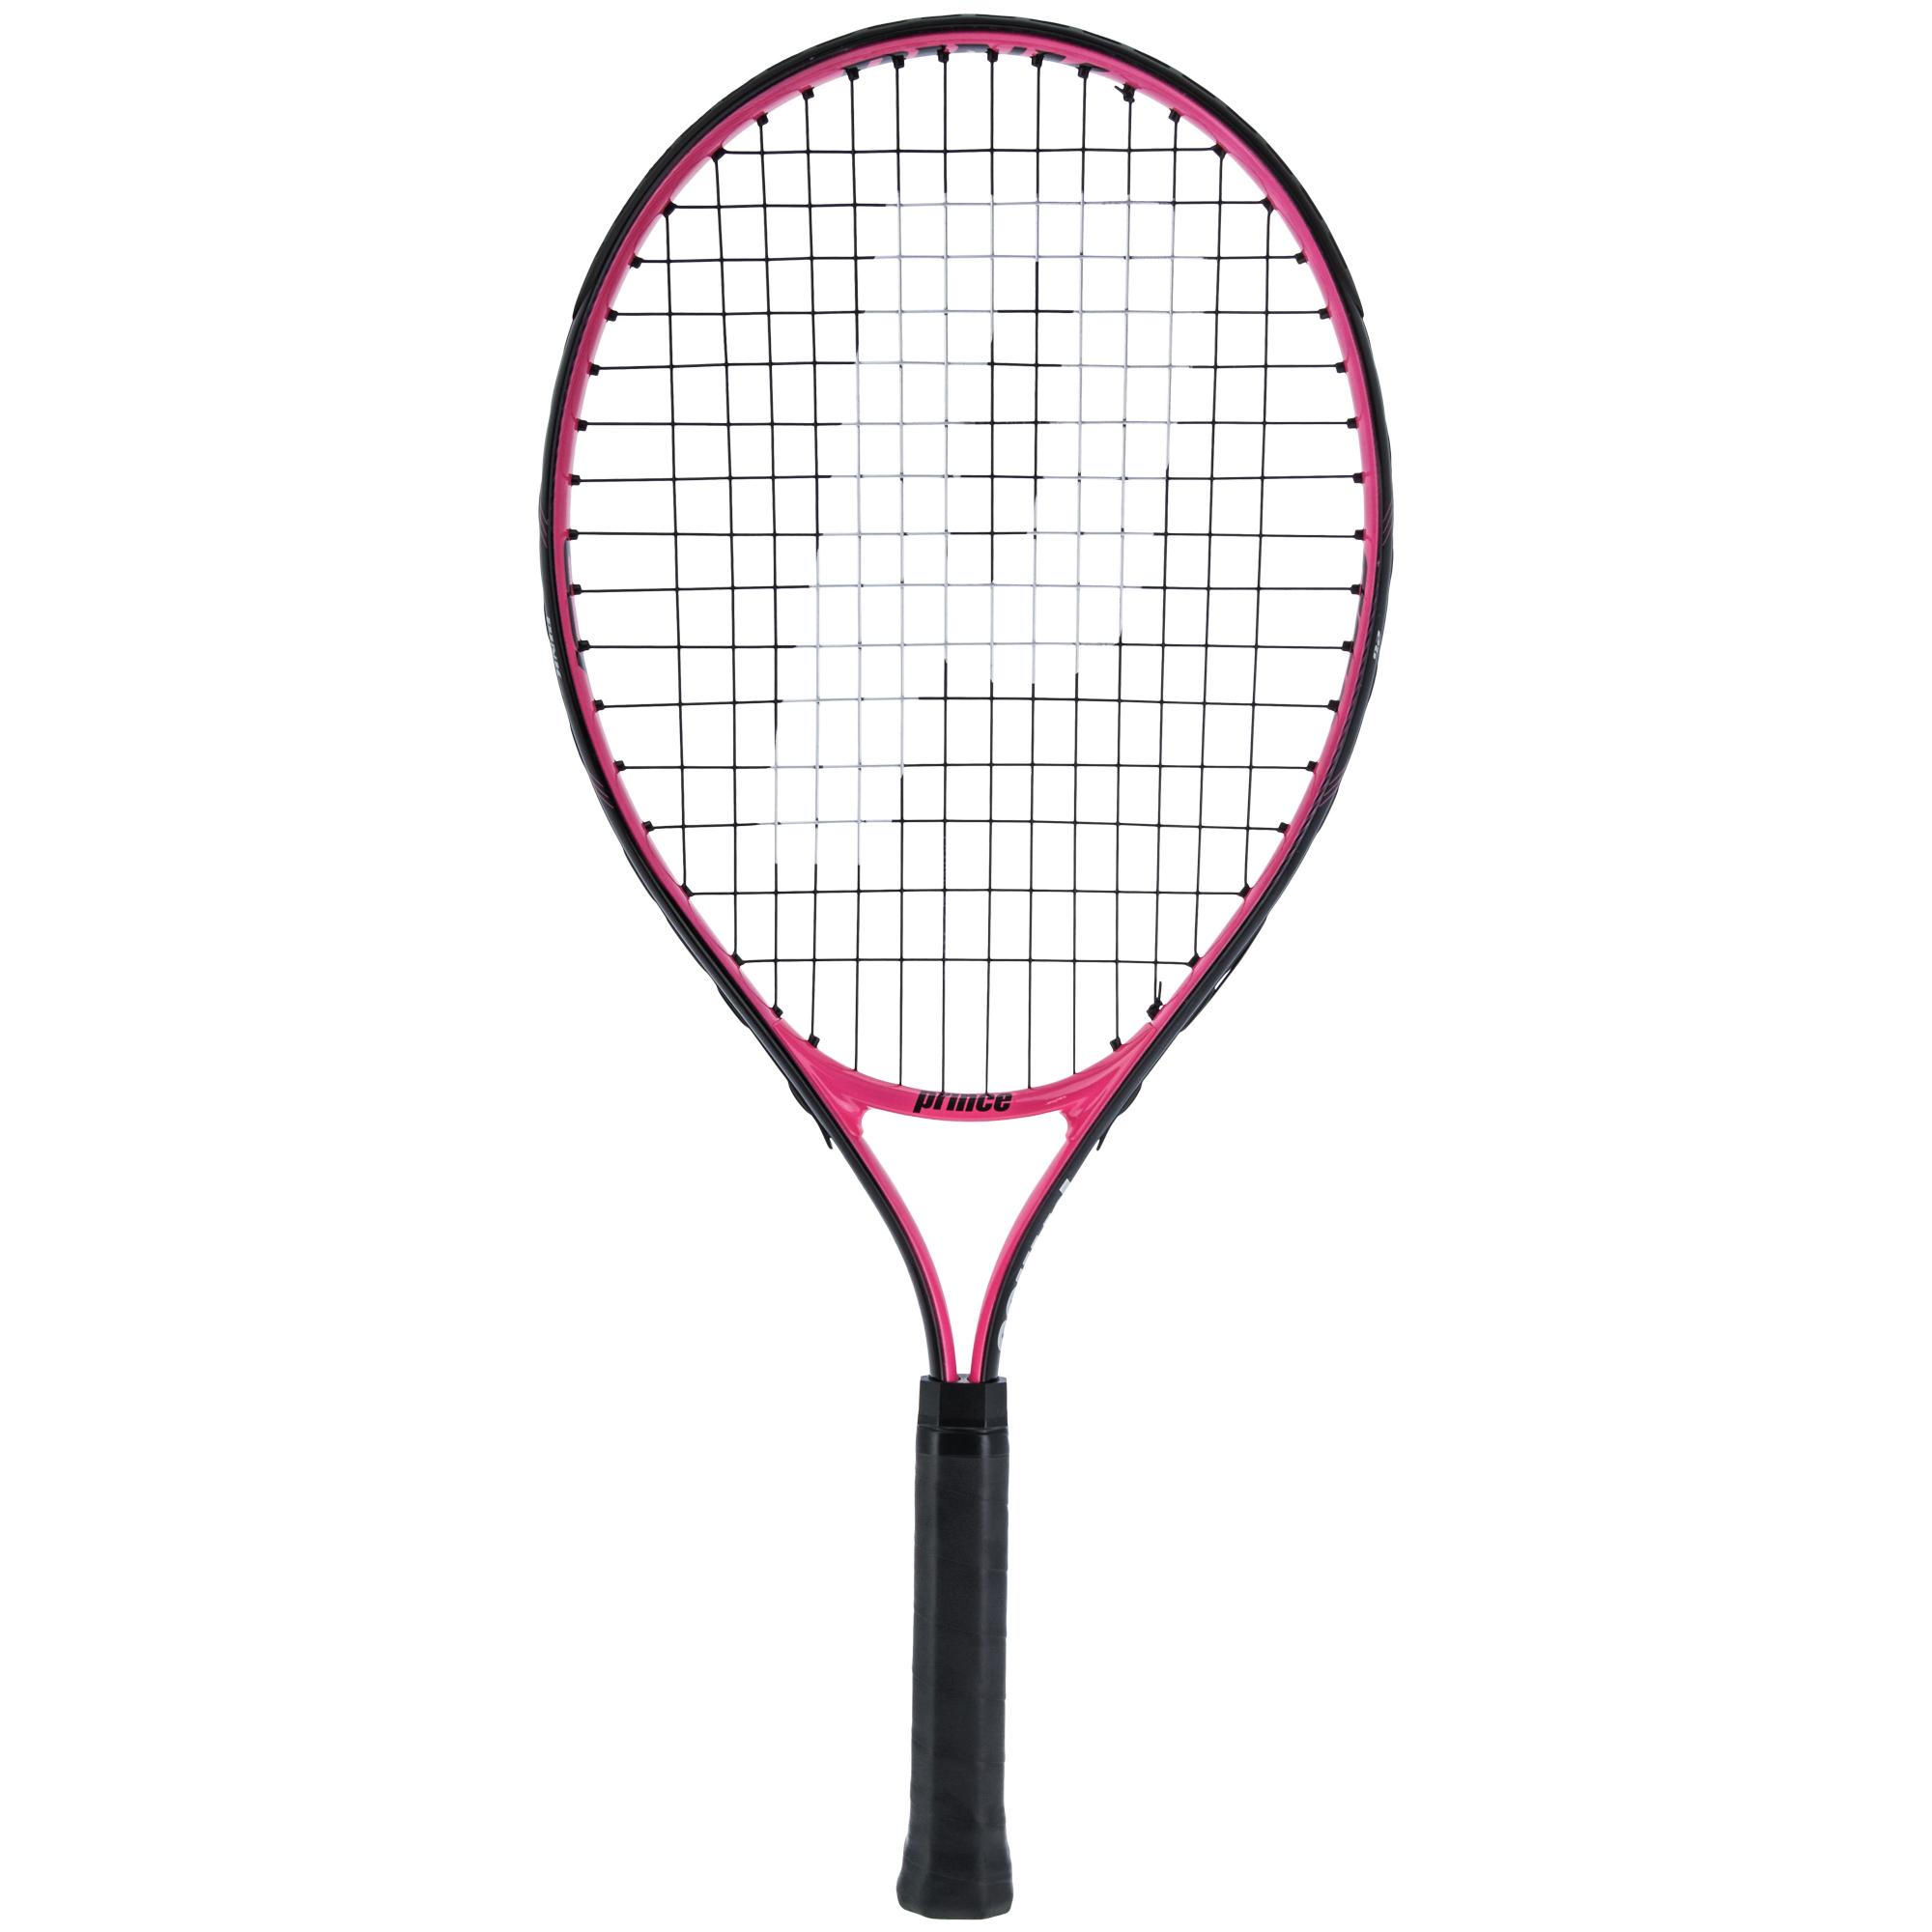 Prince TT Volley Pink Tennis Racket